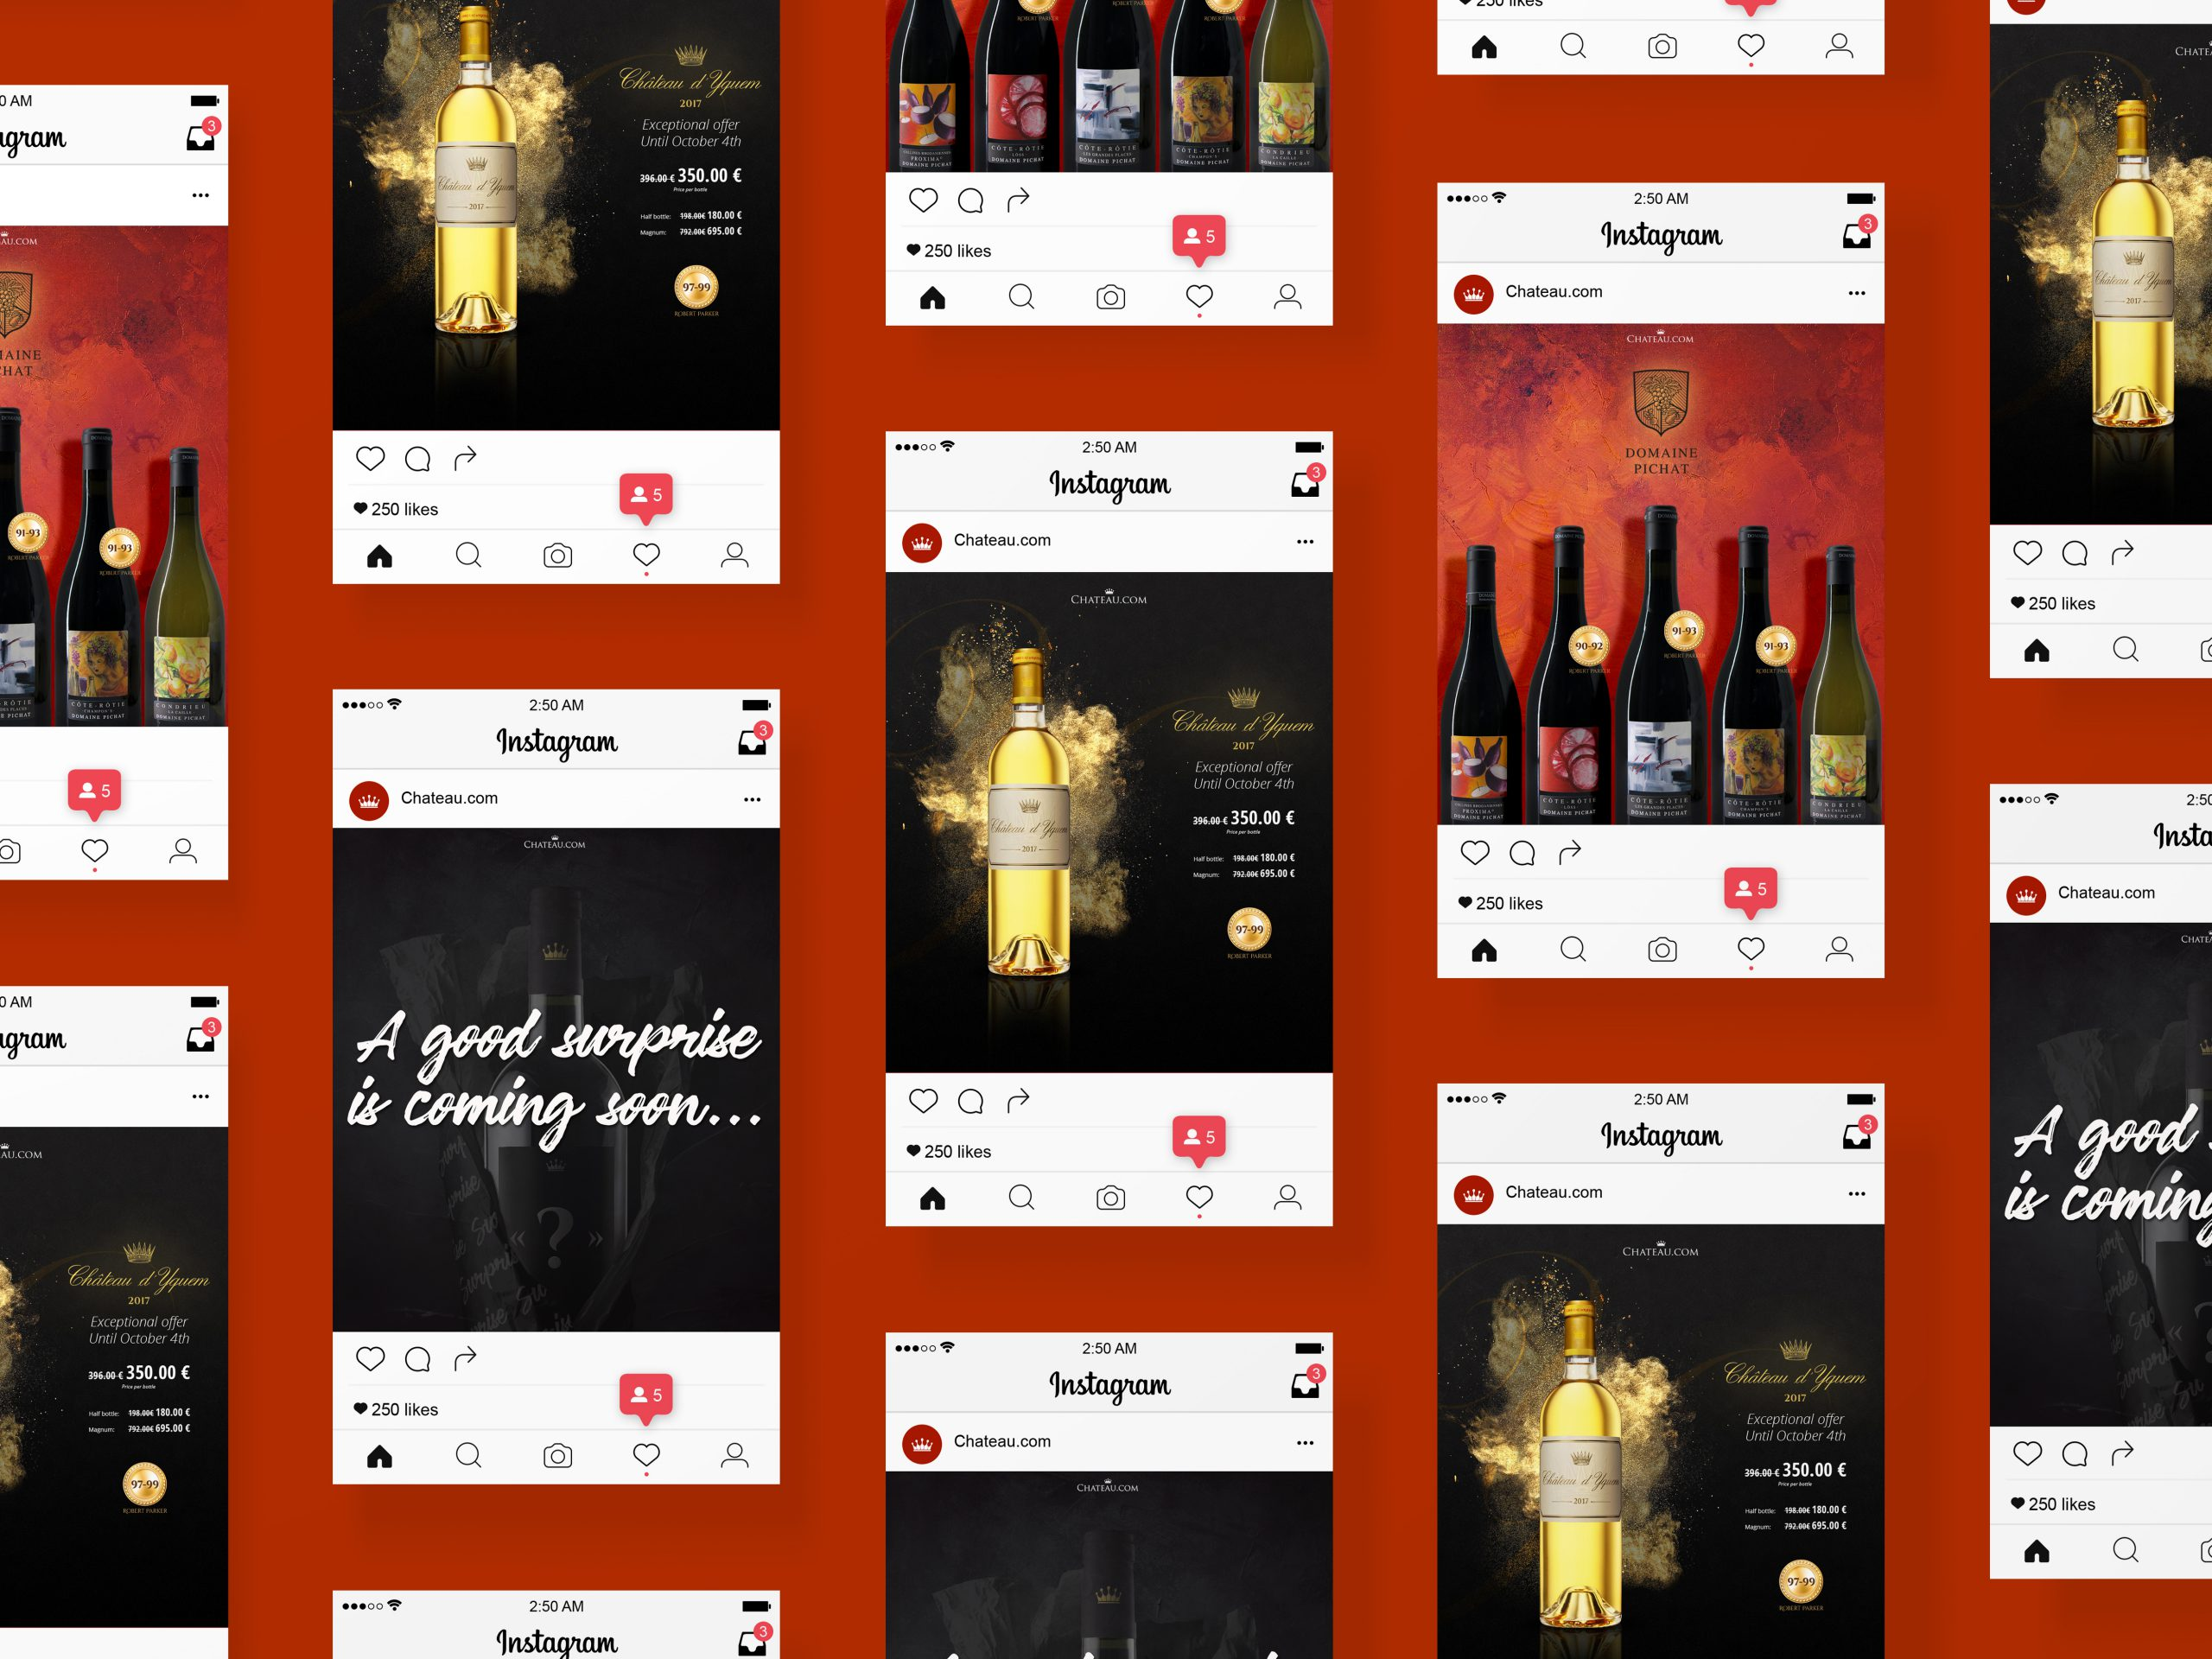 Exemples de contenus pour les réseaux sociaux de Chateau.com